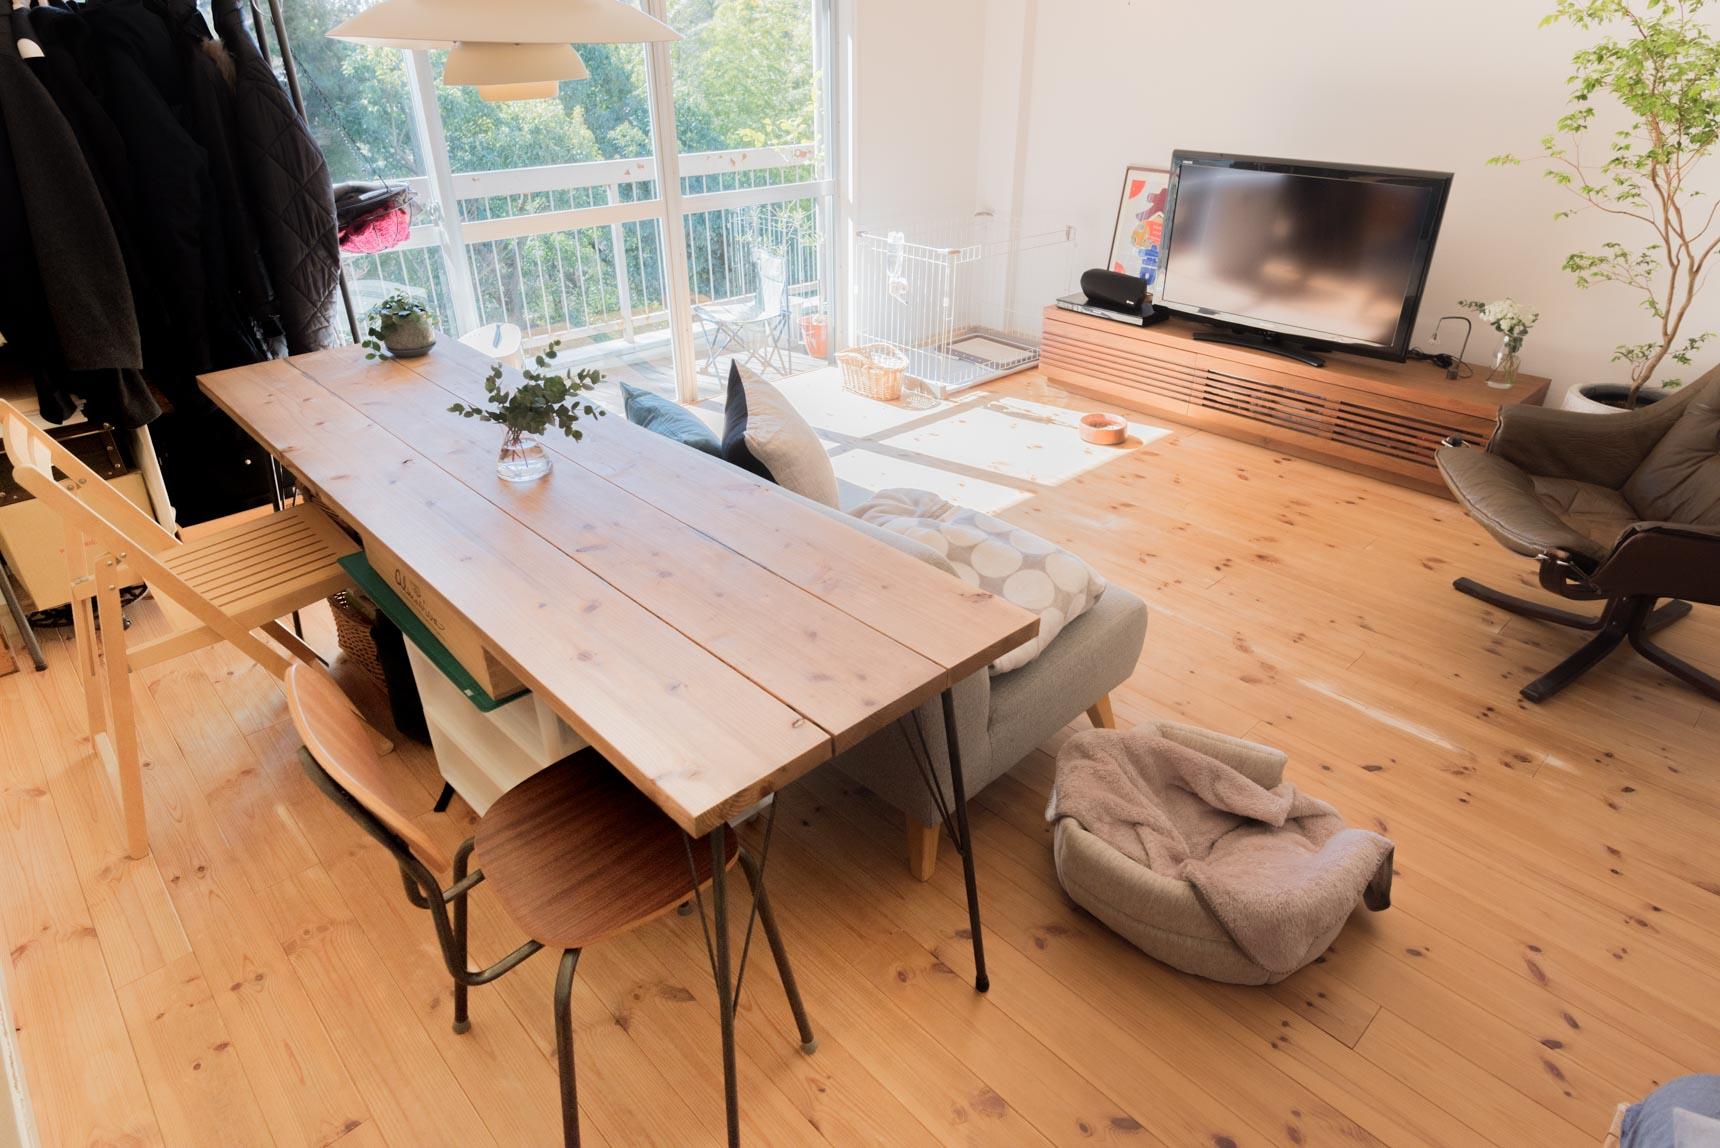 この記事もチェック:「掃除がしやすい部屋」ってどうやってつくる?ズボラさんのための綺麗な部屋をキープするコツまとめ